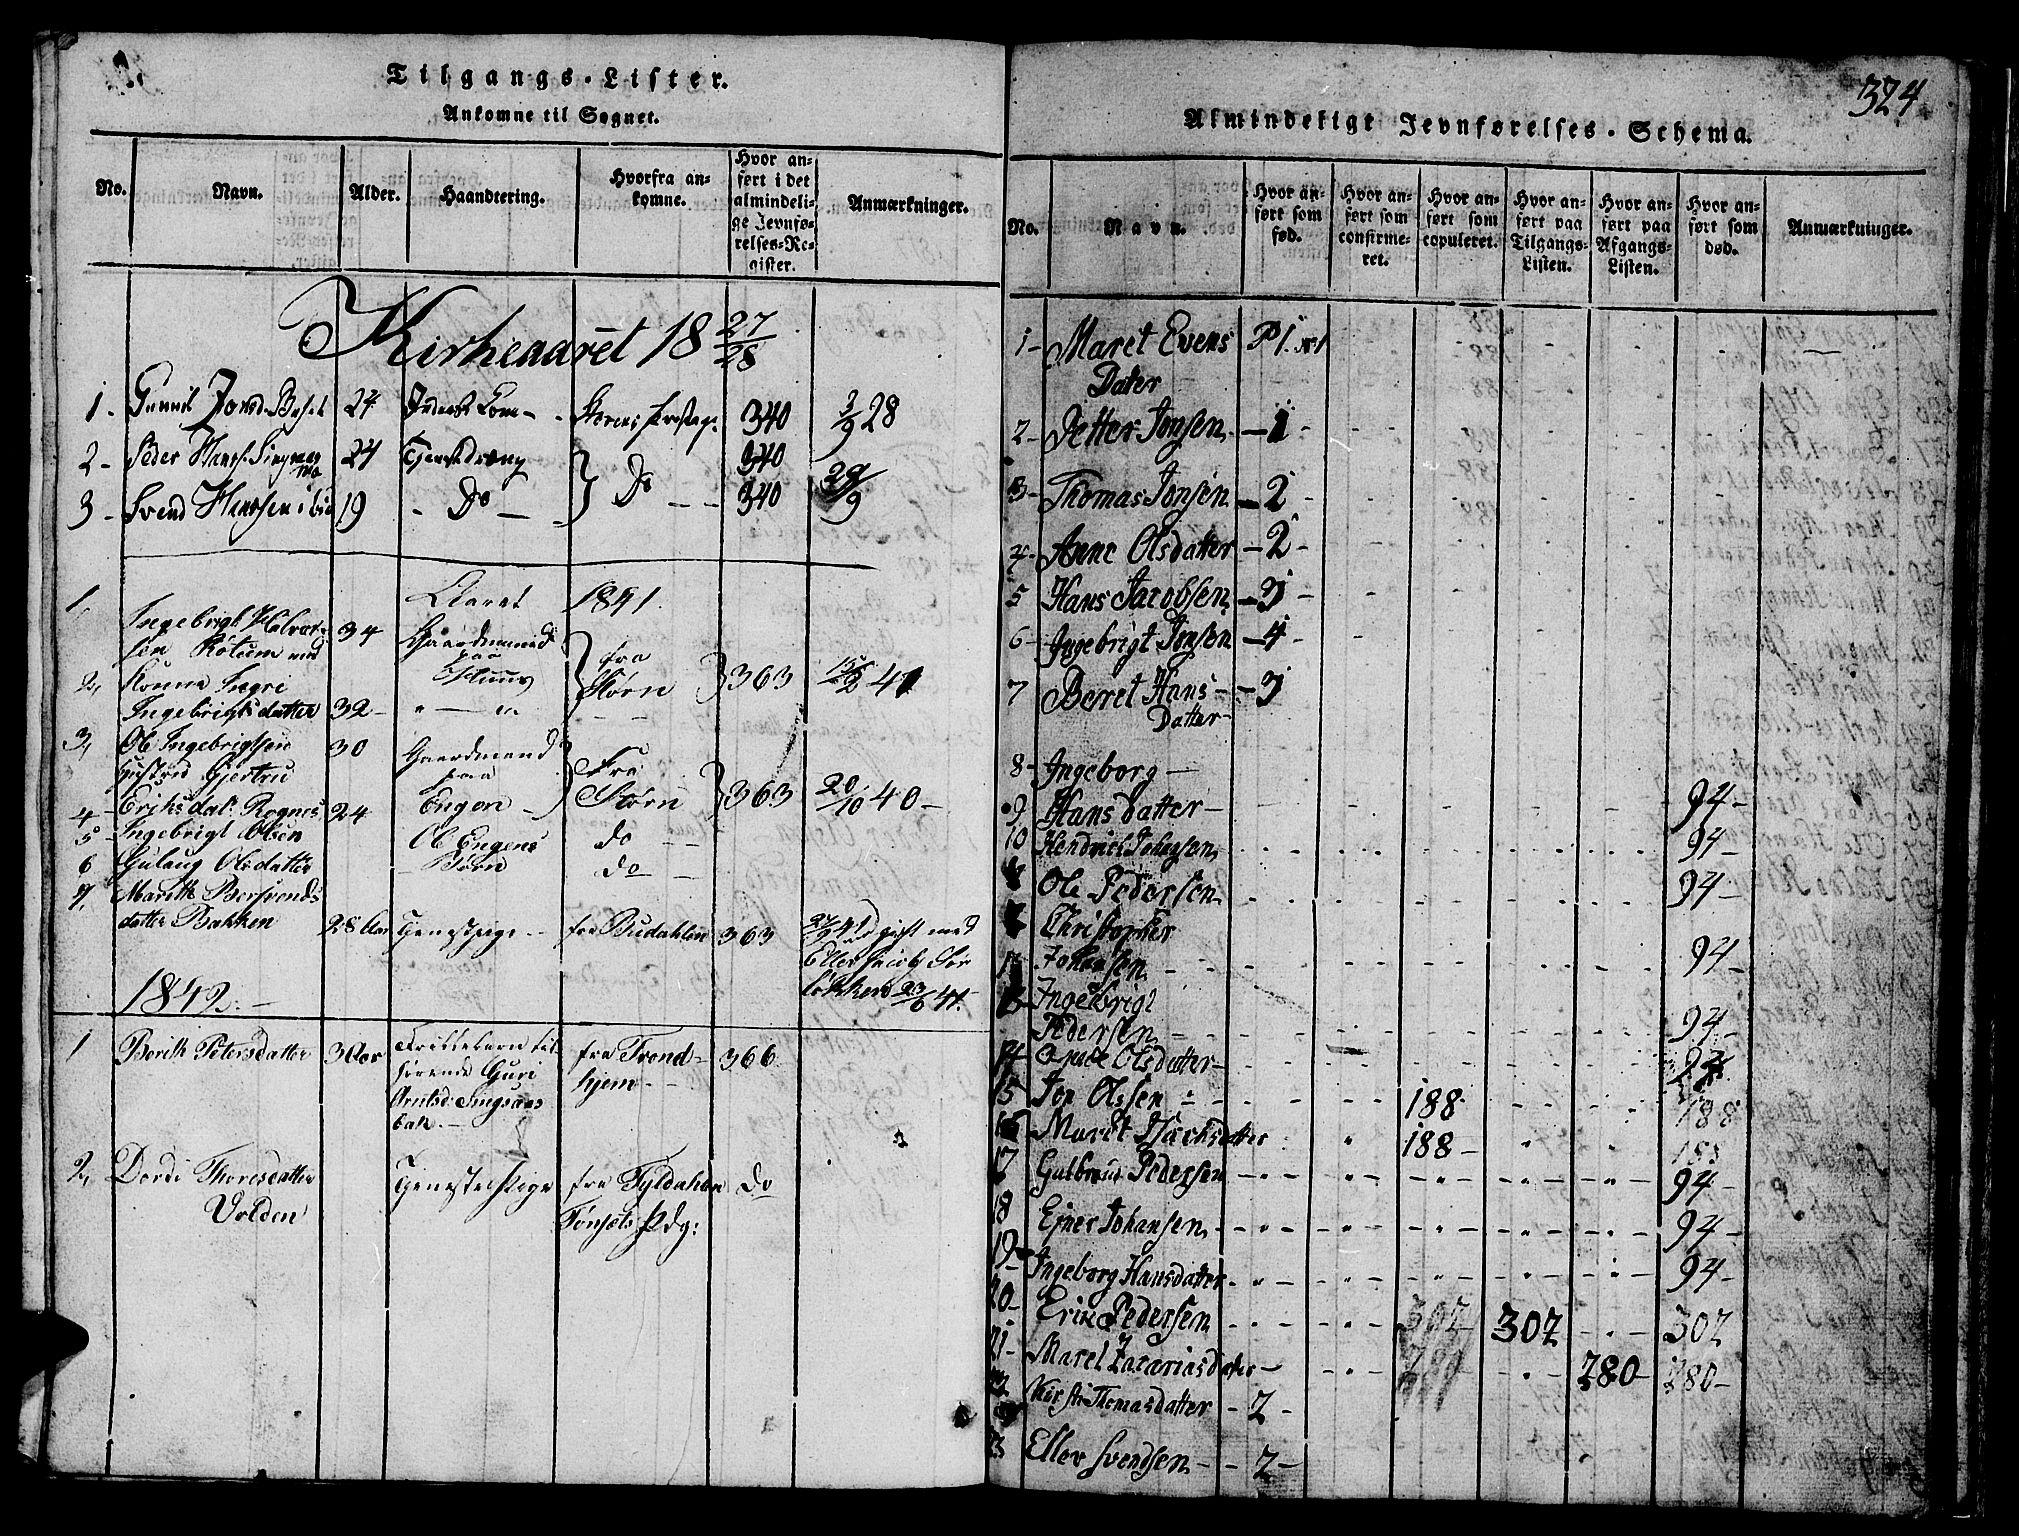 SAT, Ministerialprotokoller, klokkerbøker og fødselsregistre - Sør-Trøndelag, 688/L1026: Klokkerbok nr. 688C01, 1817-1860, s. 324